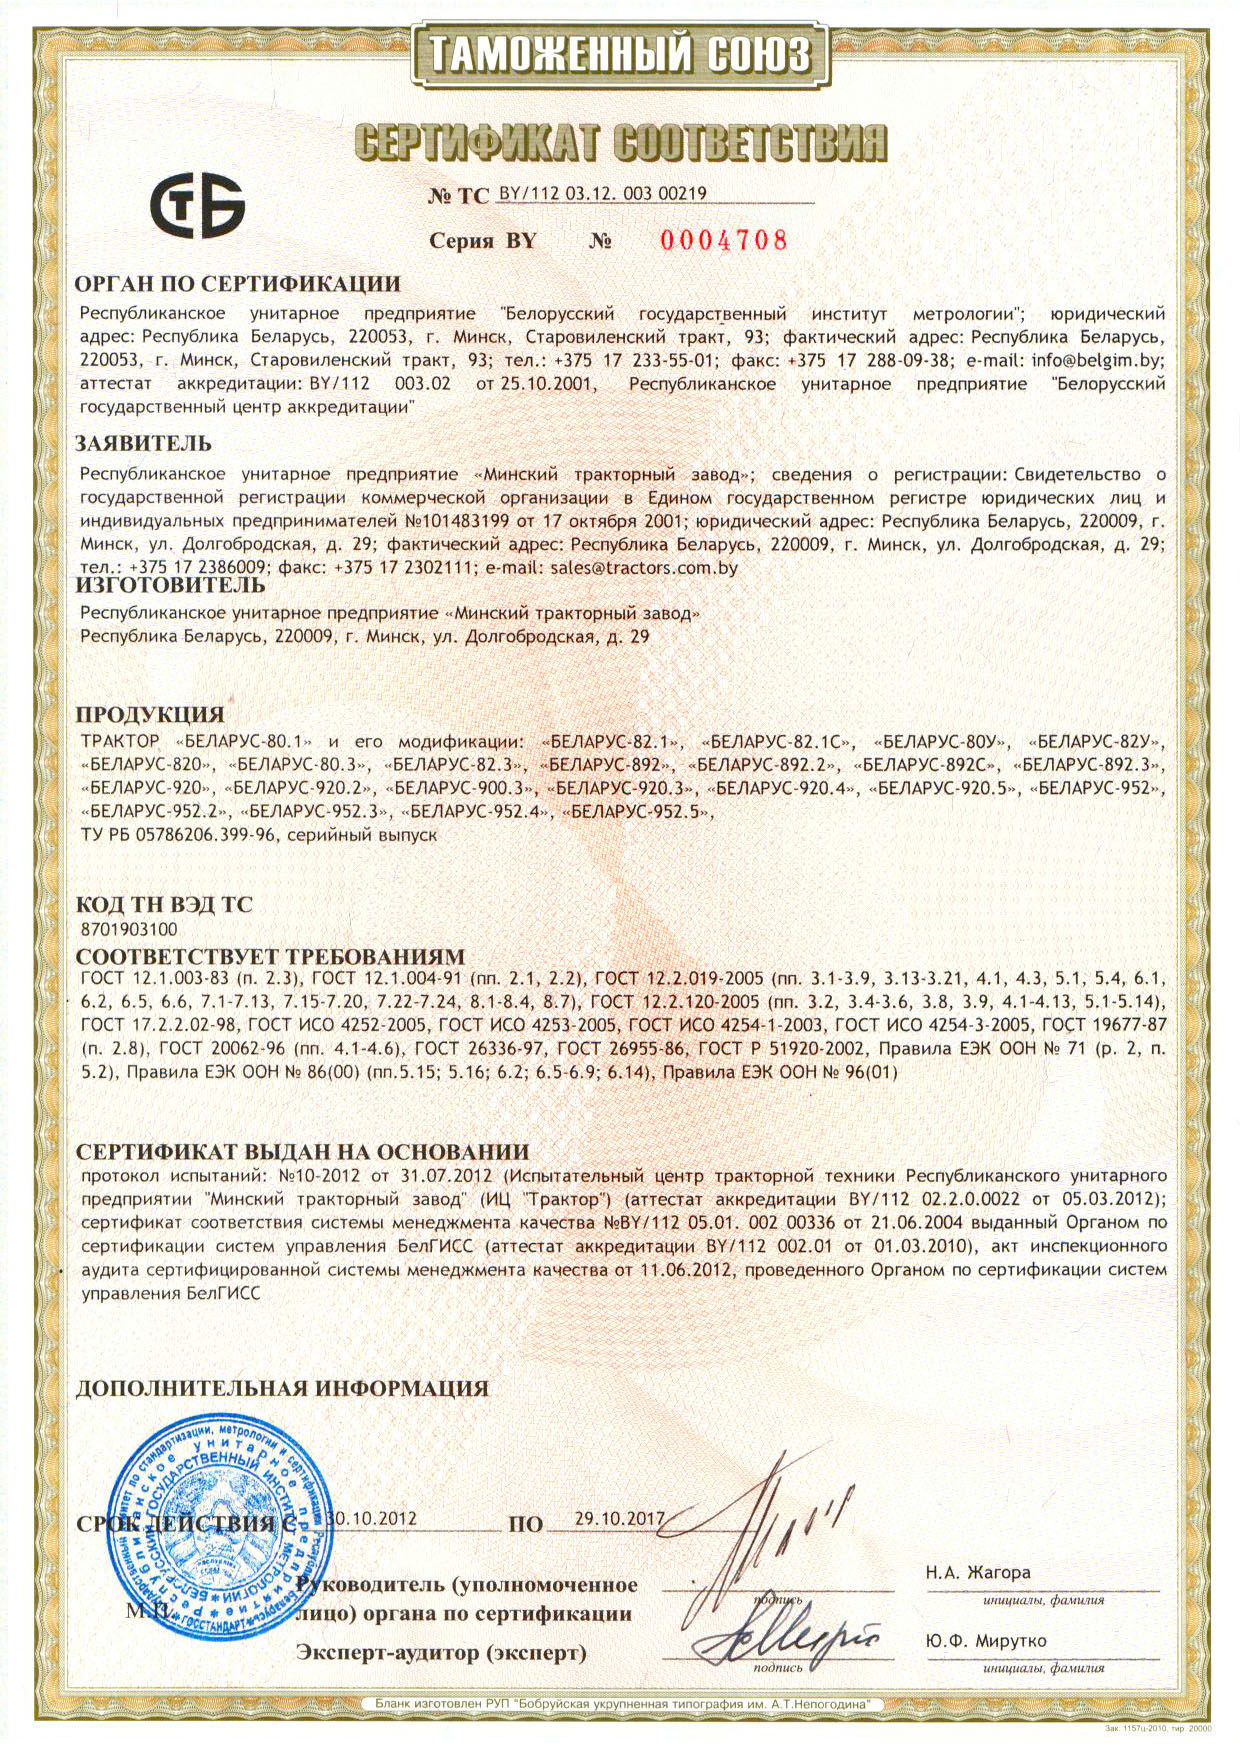 Сертификаты соответствия производителей тракторов другой.